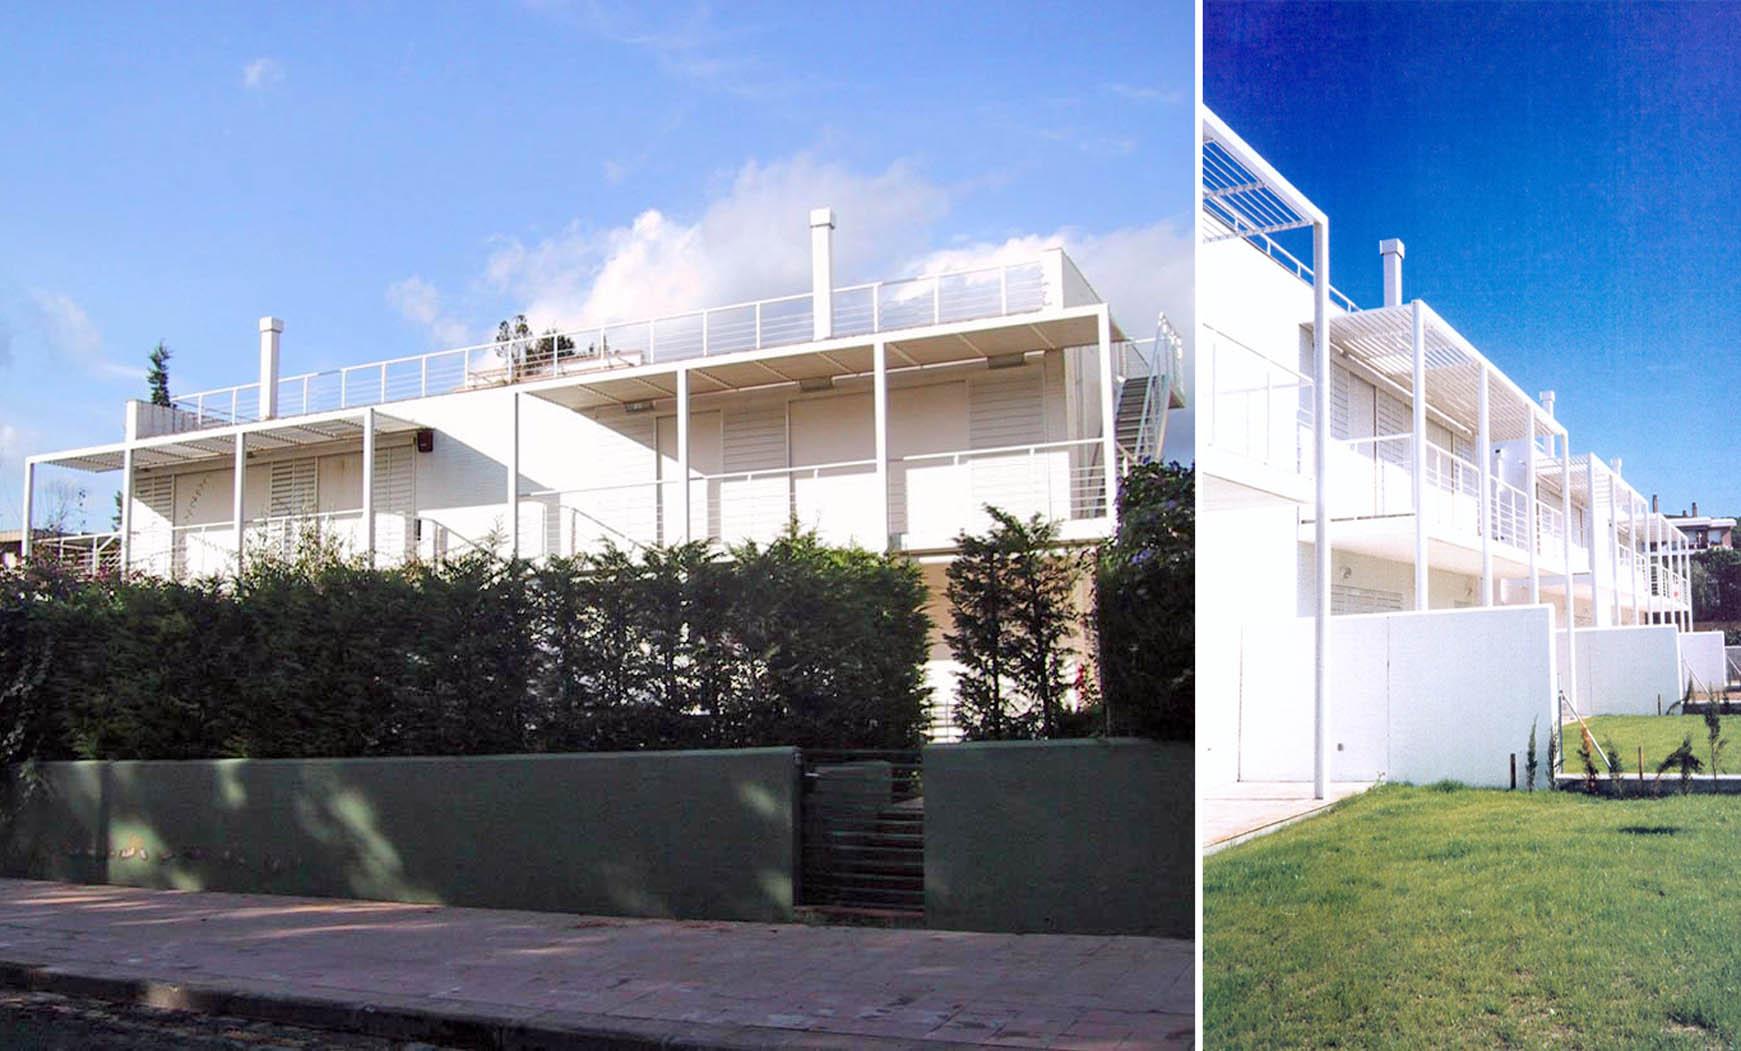 8 viviendas pareadas con piscina y sótano en Calella (1993), en colaboración con EGC/ABS